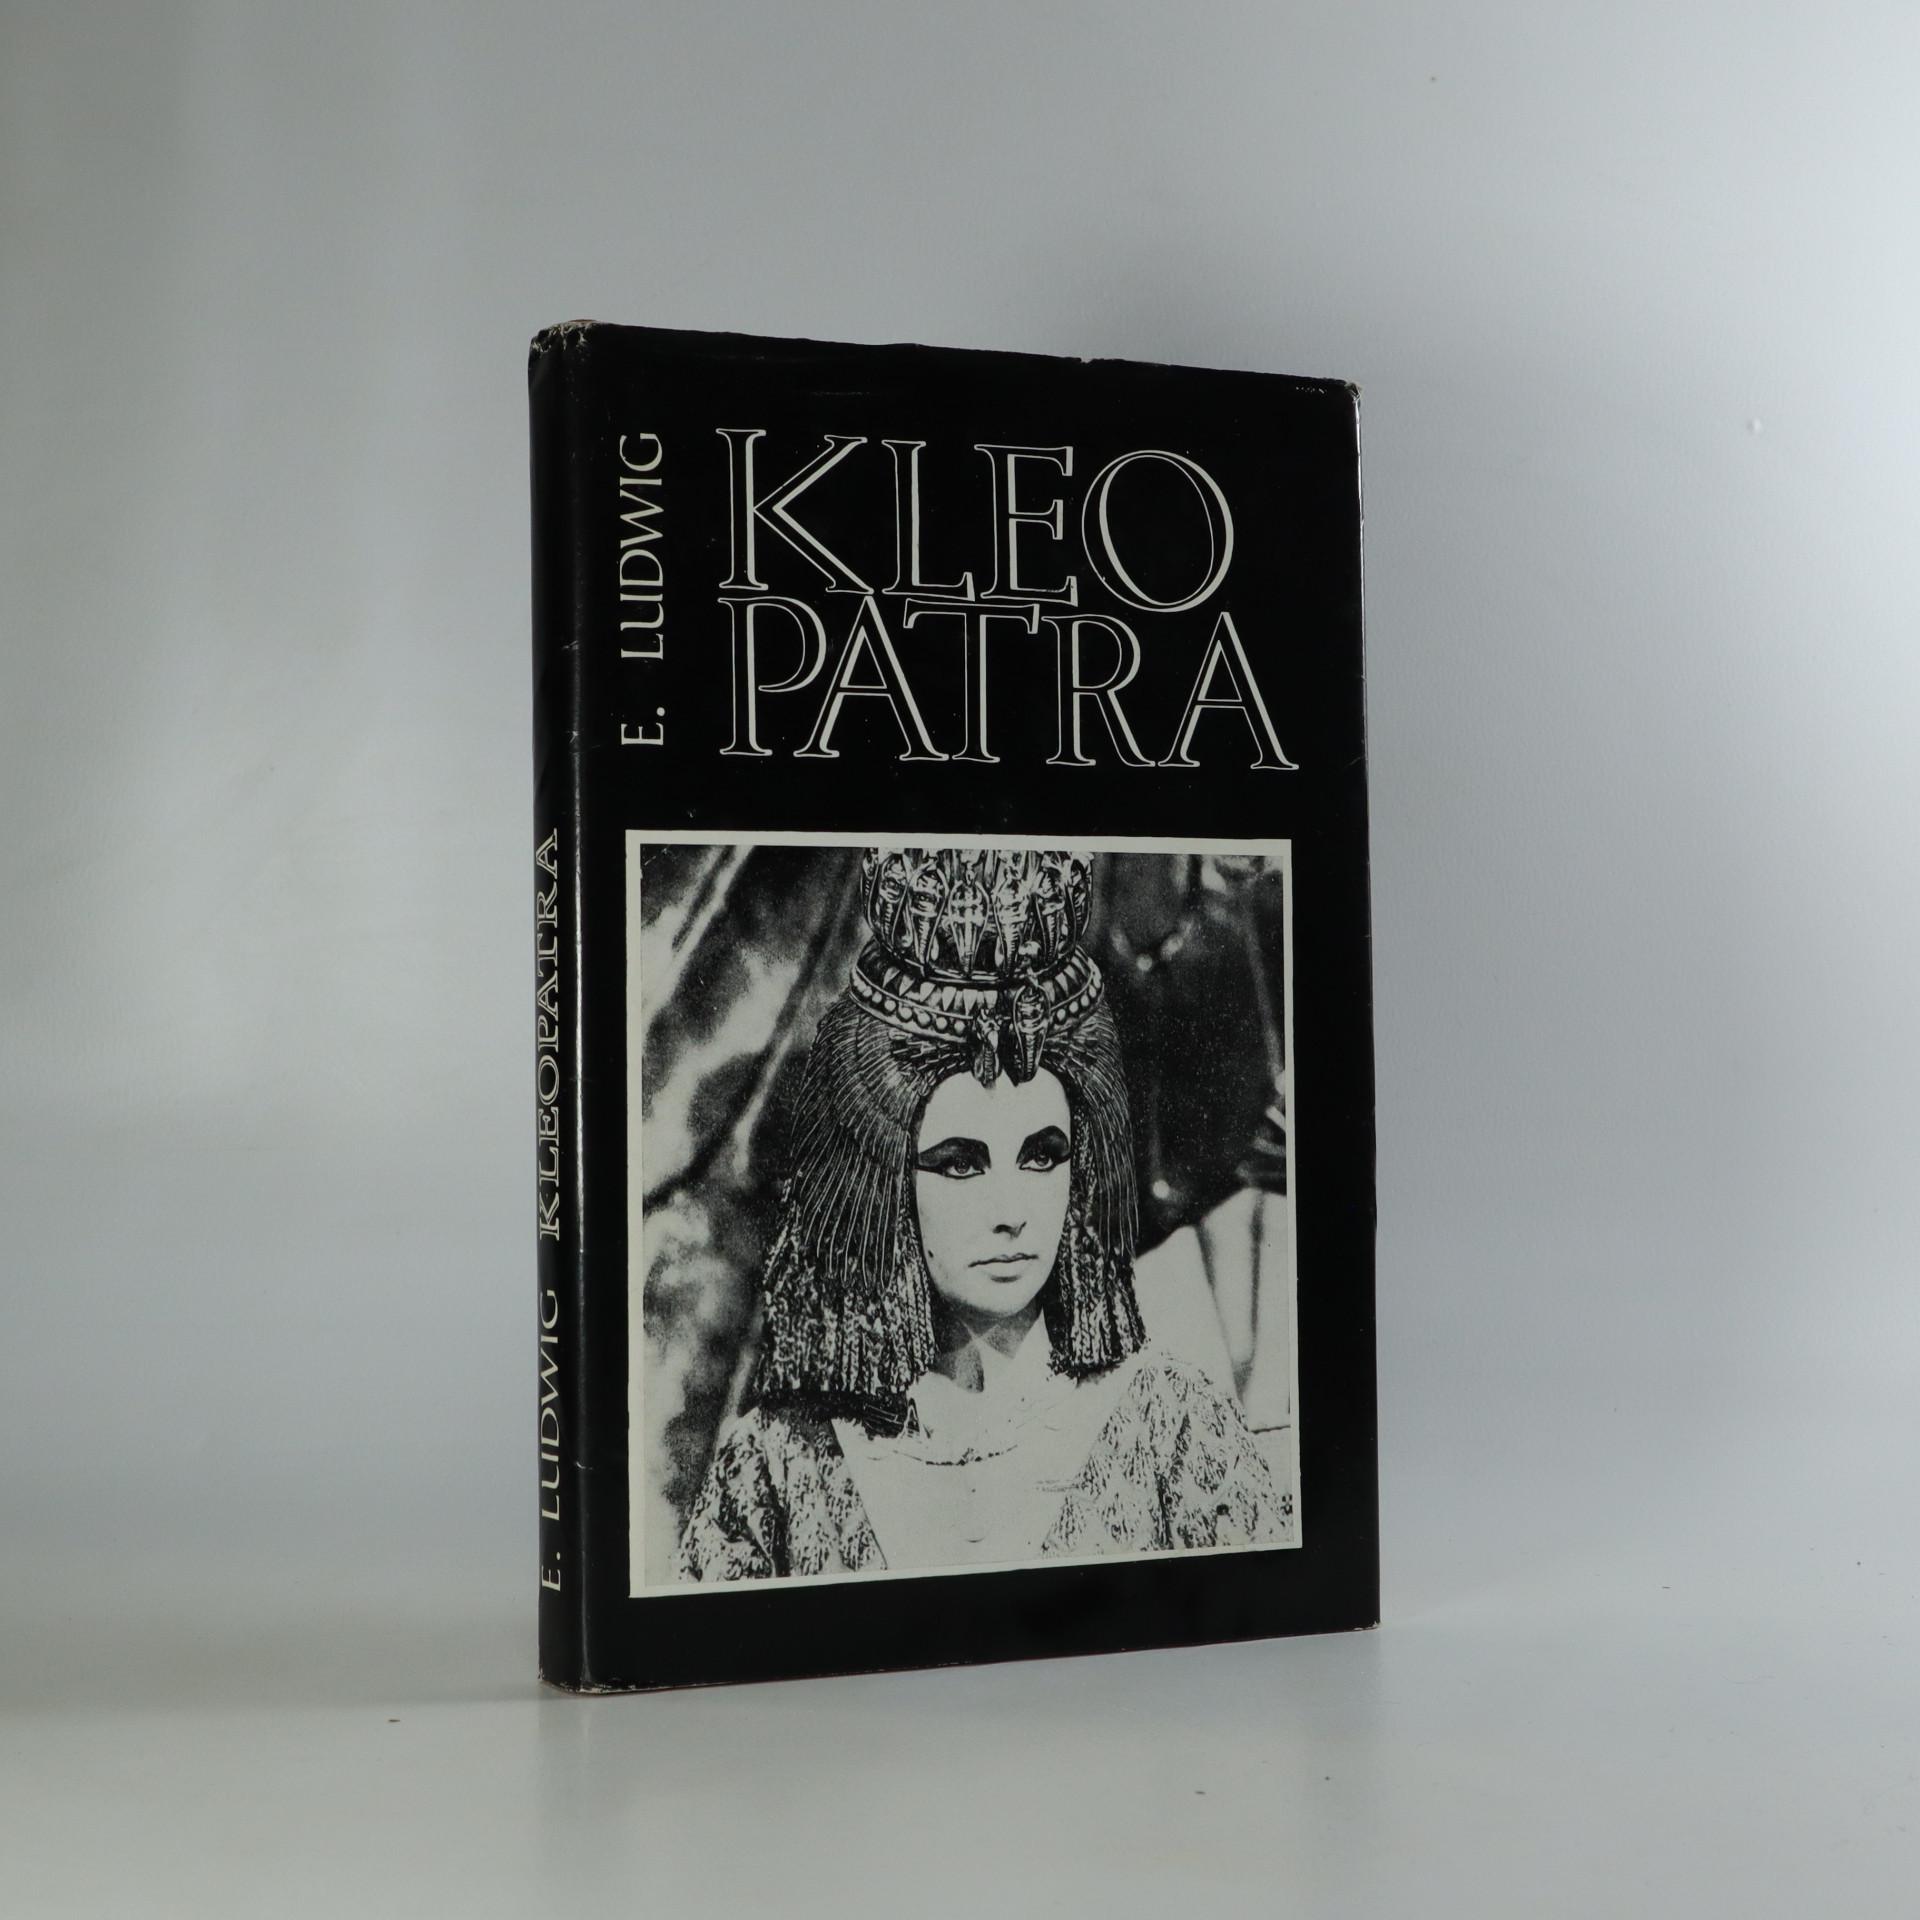 antikvární kniha Kleopatra, 1979